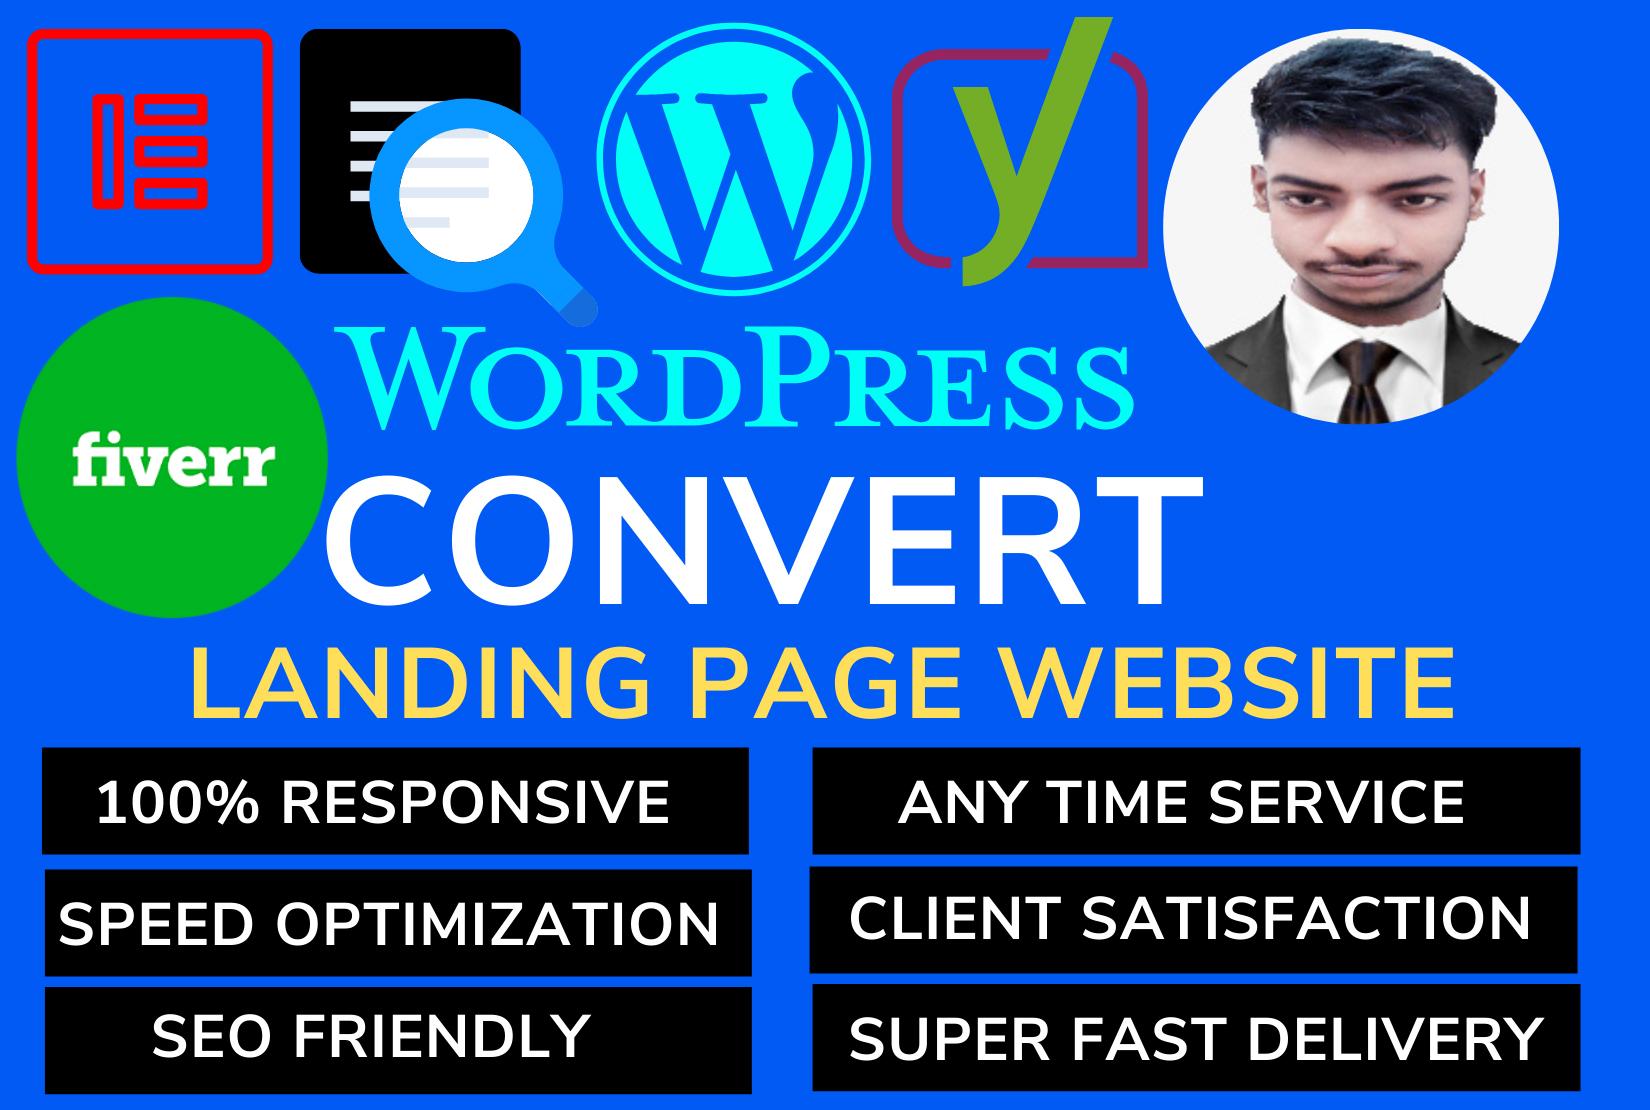 Build responsive landing page wordpress website